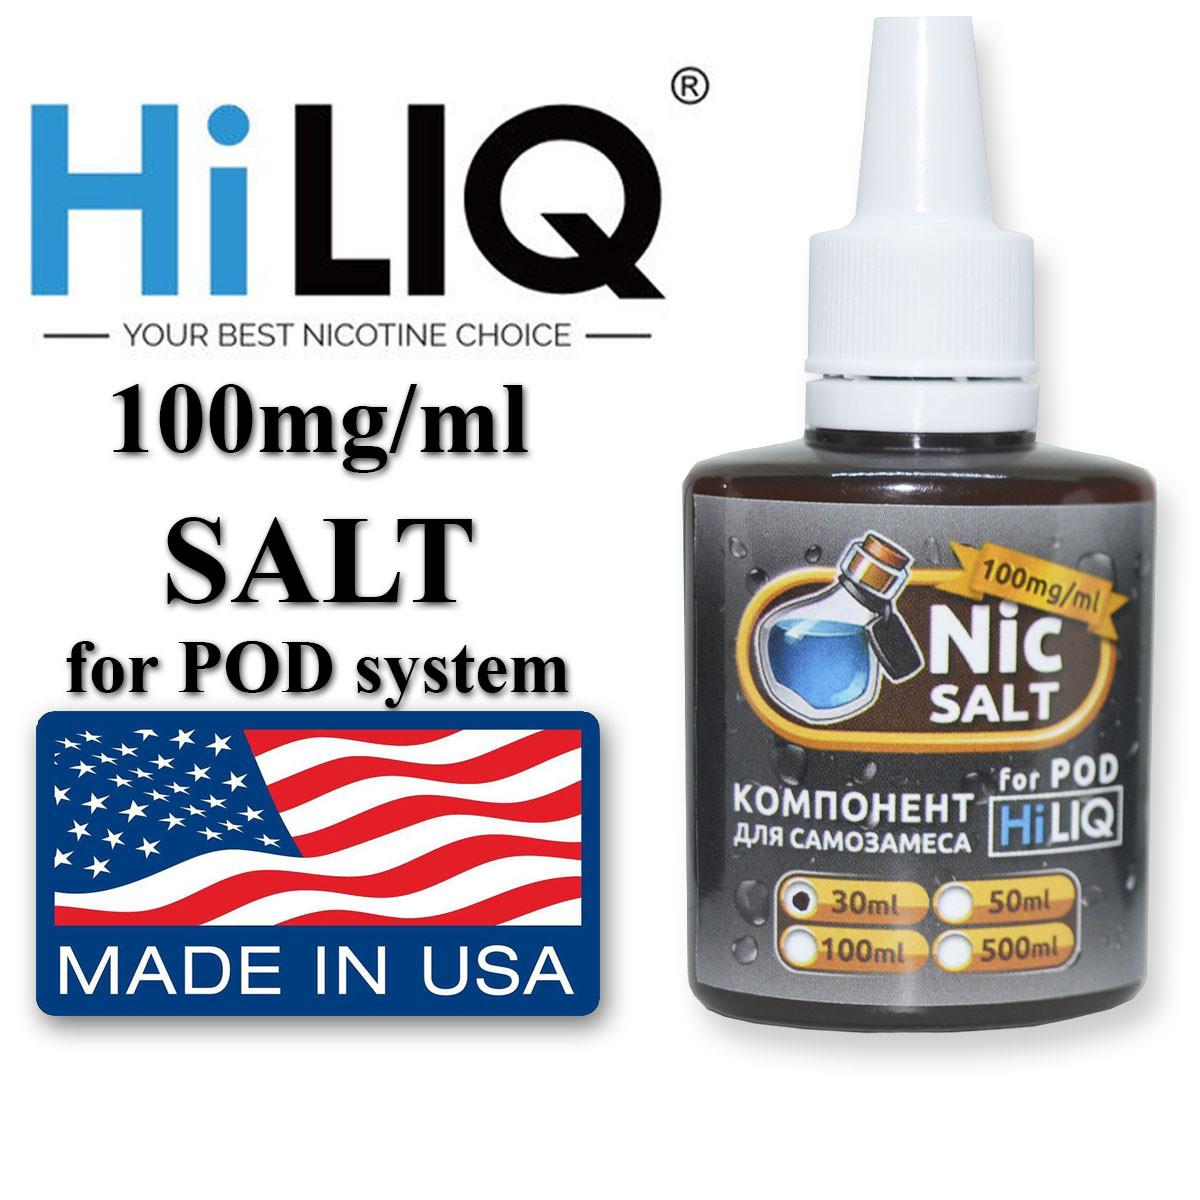 Солевой усилитель крепости HiLIQ SALT Nic for POD 100мг/мл 30мл